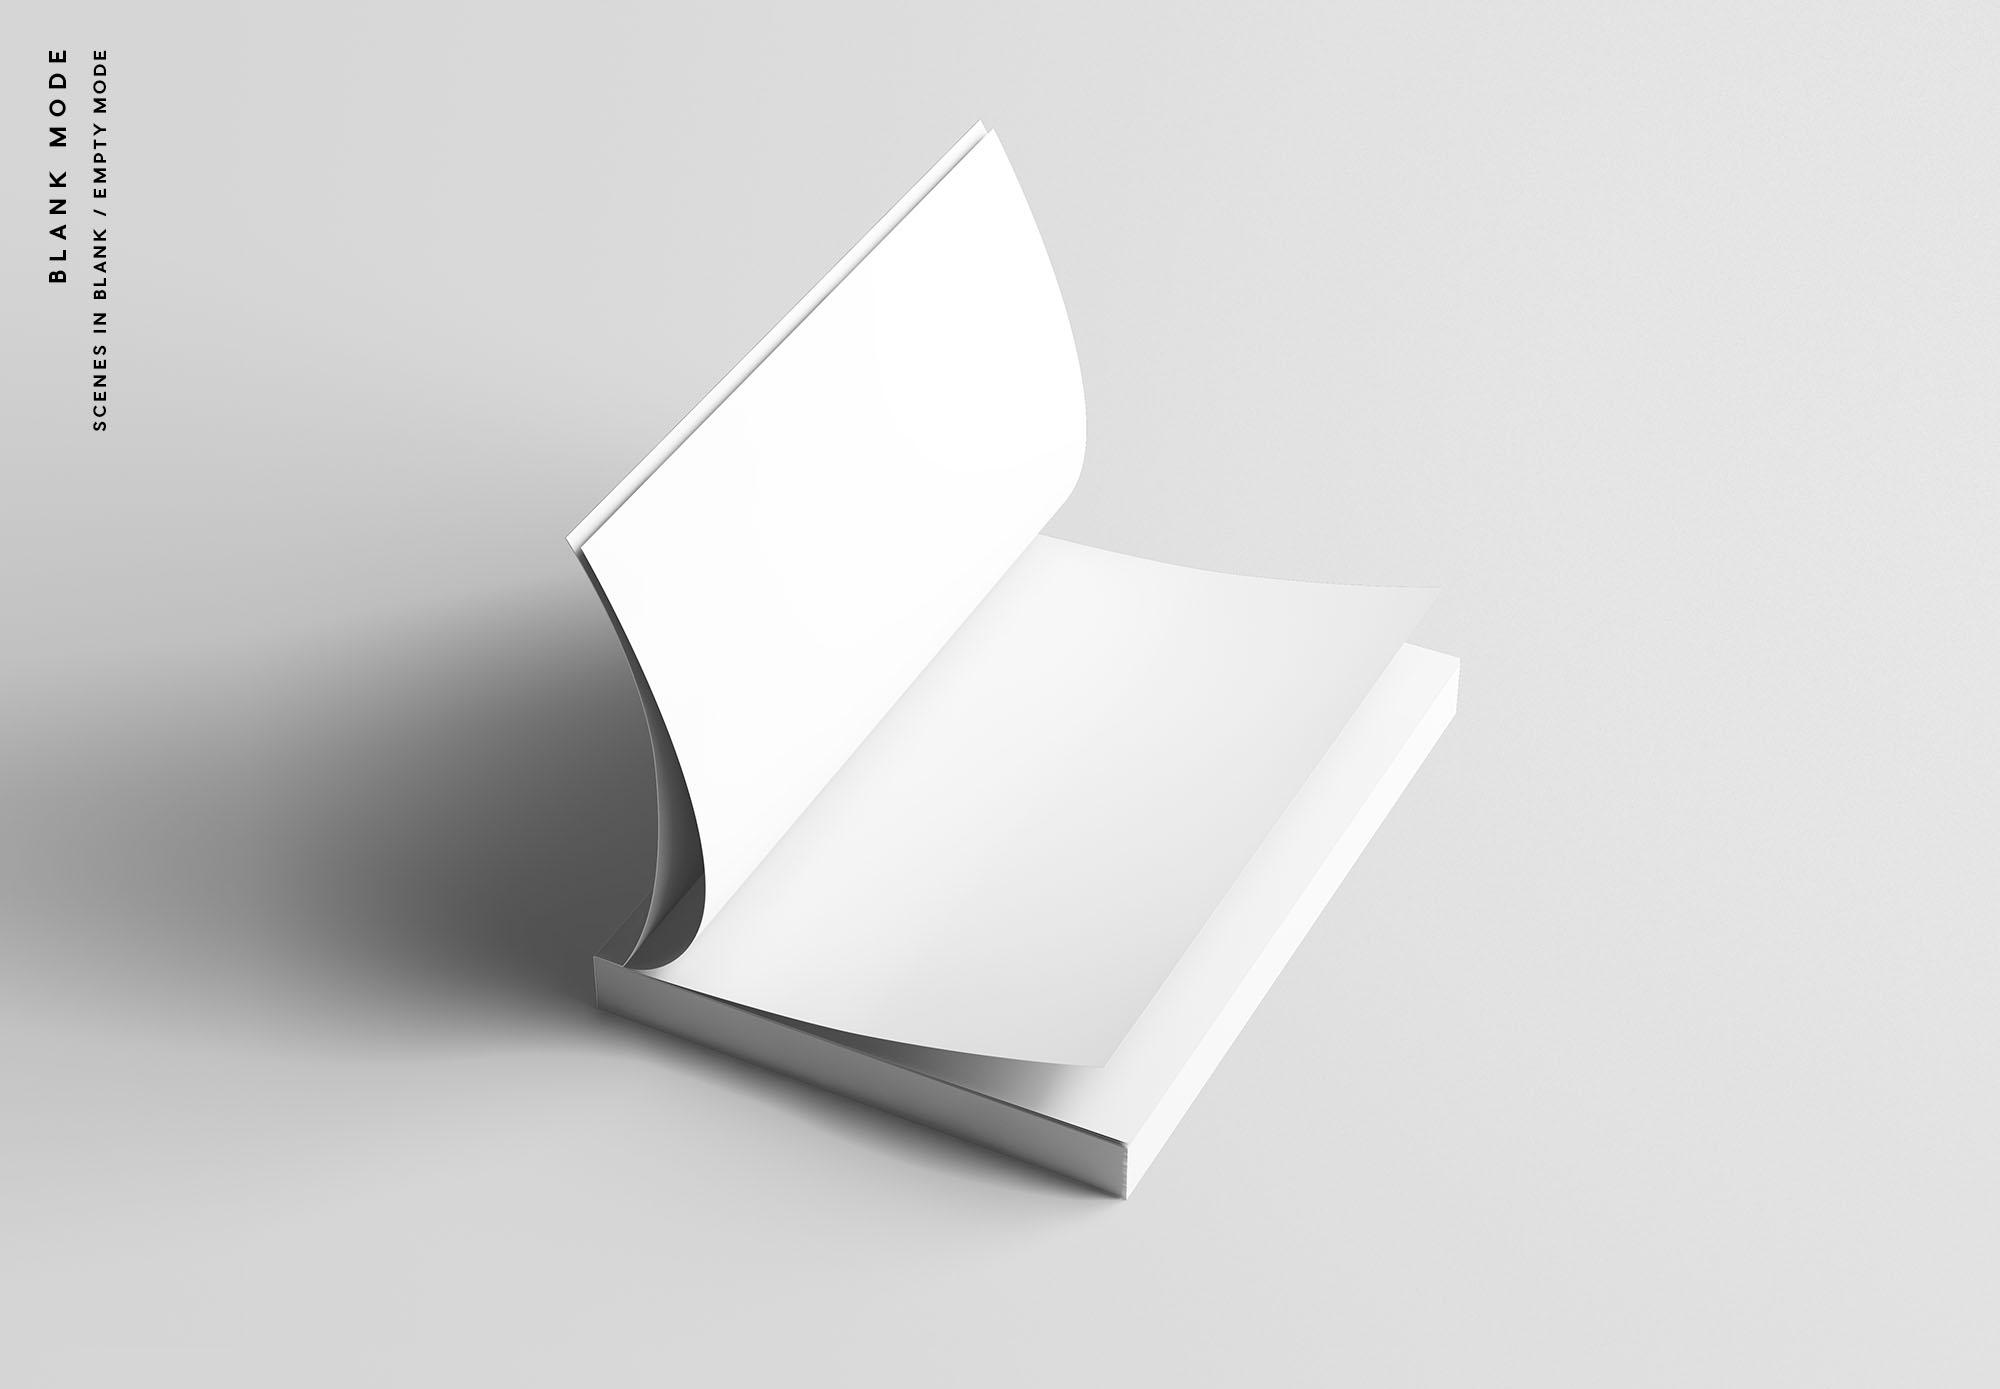 专业设计的A5平装书画册样机PSD模板 A5 Softcover Book Mockup插图(8)